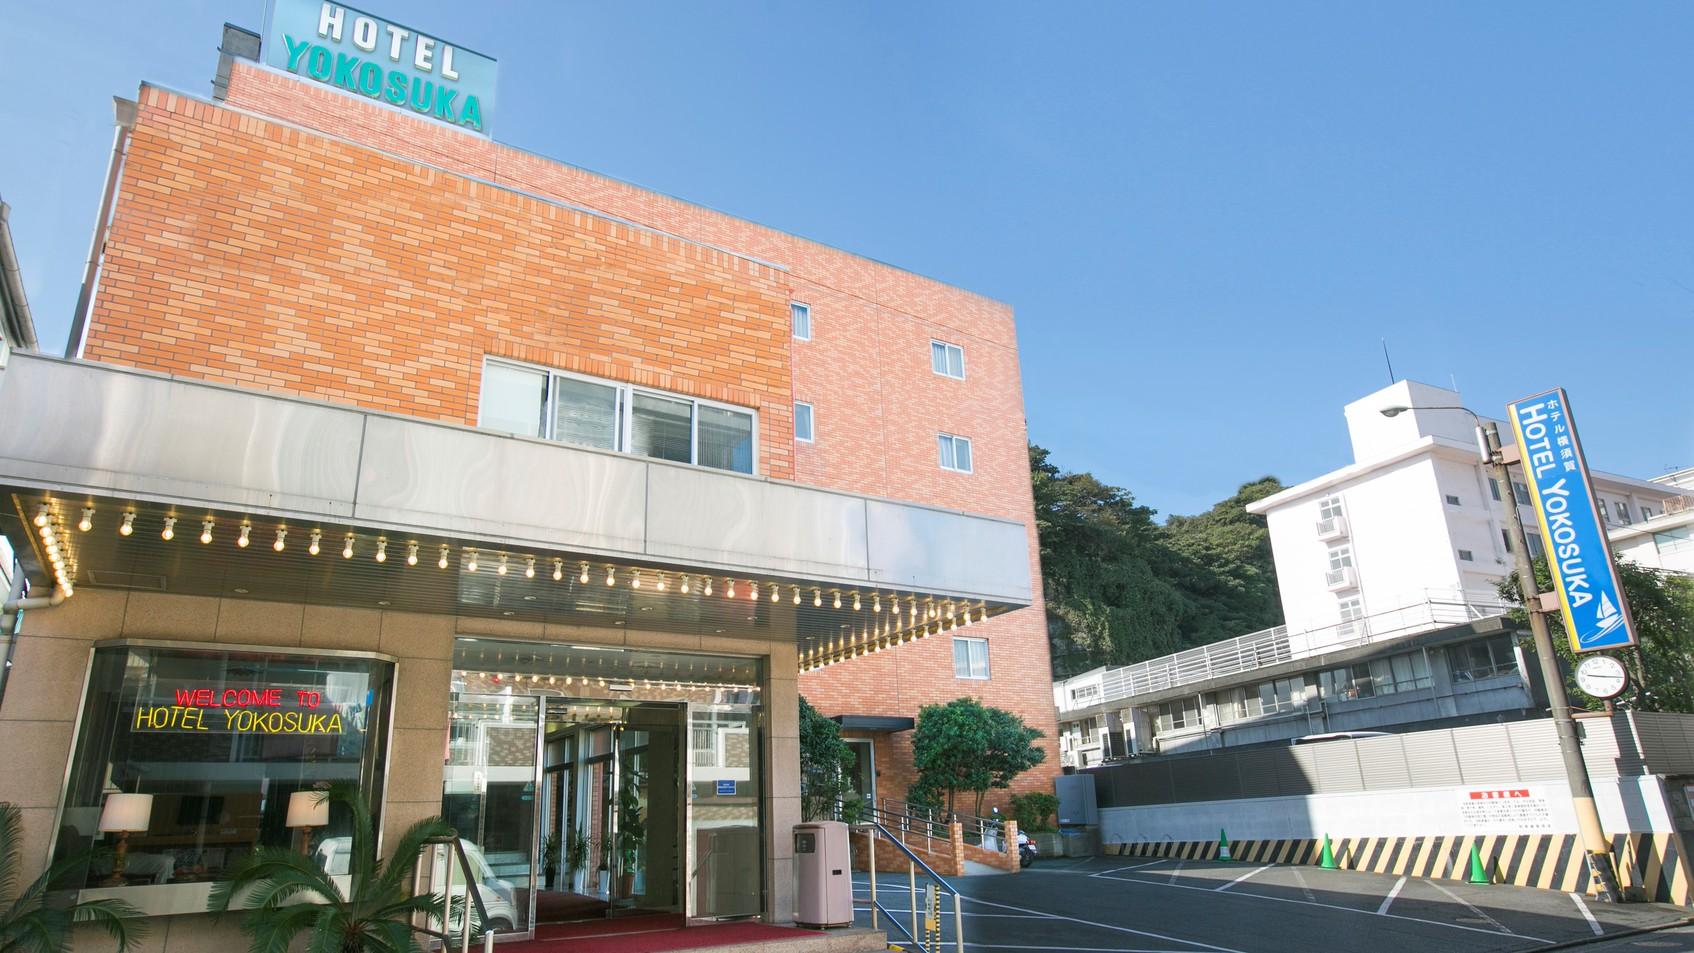 ホテル横須賀◆楽天トラベル